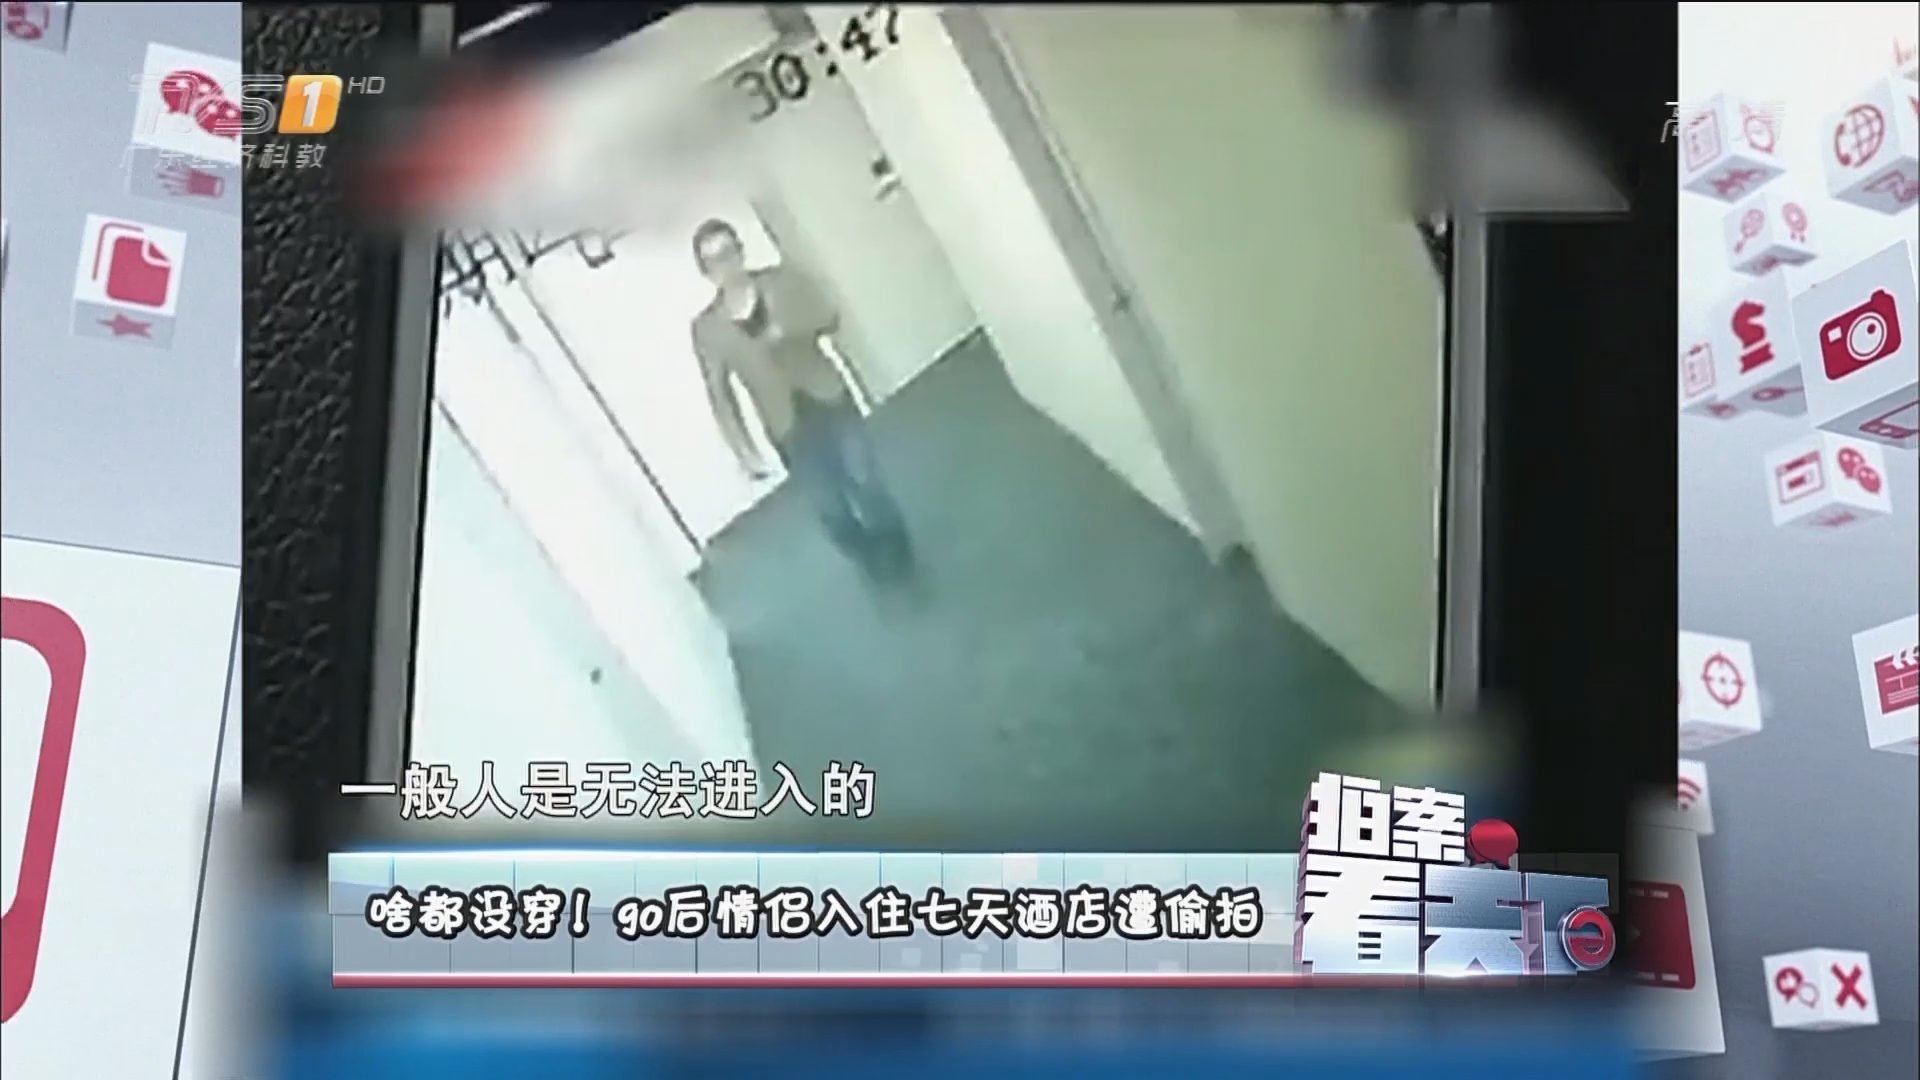 啥都没穿!90后情侣入住七天酒店遭偷拍